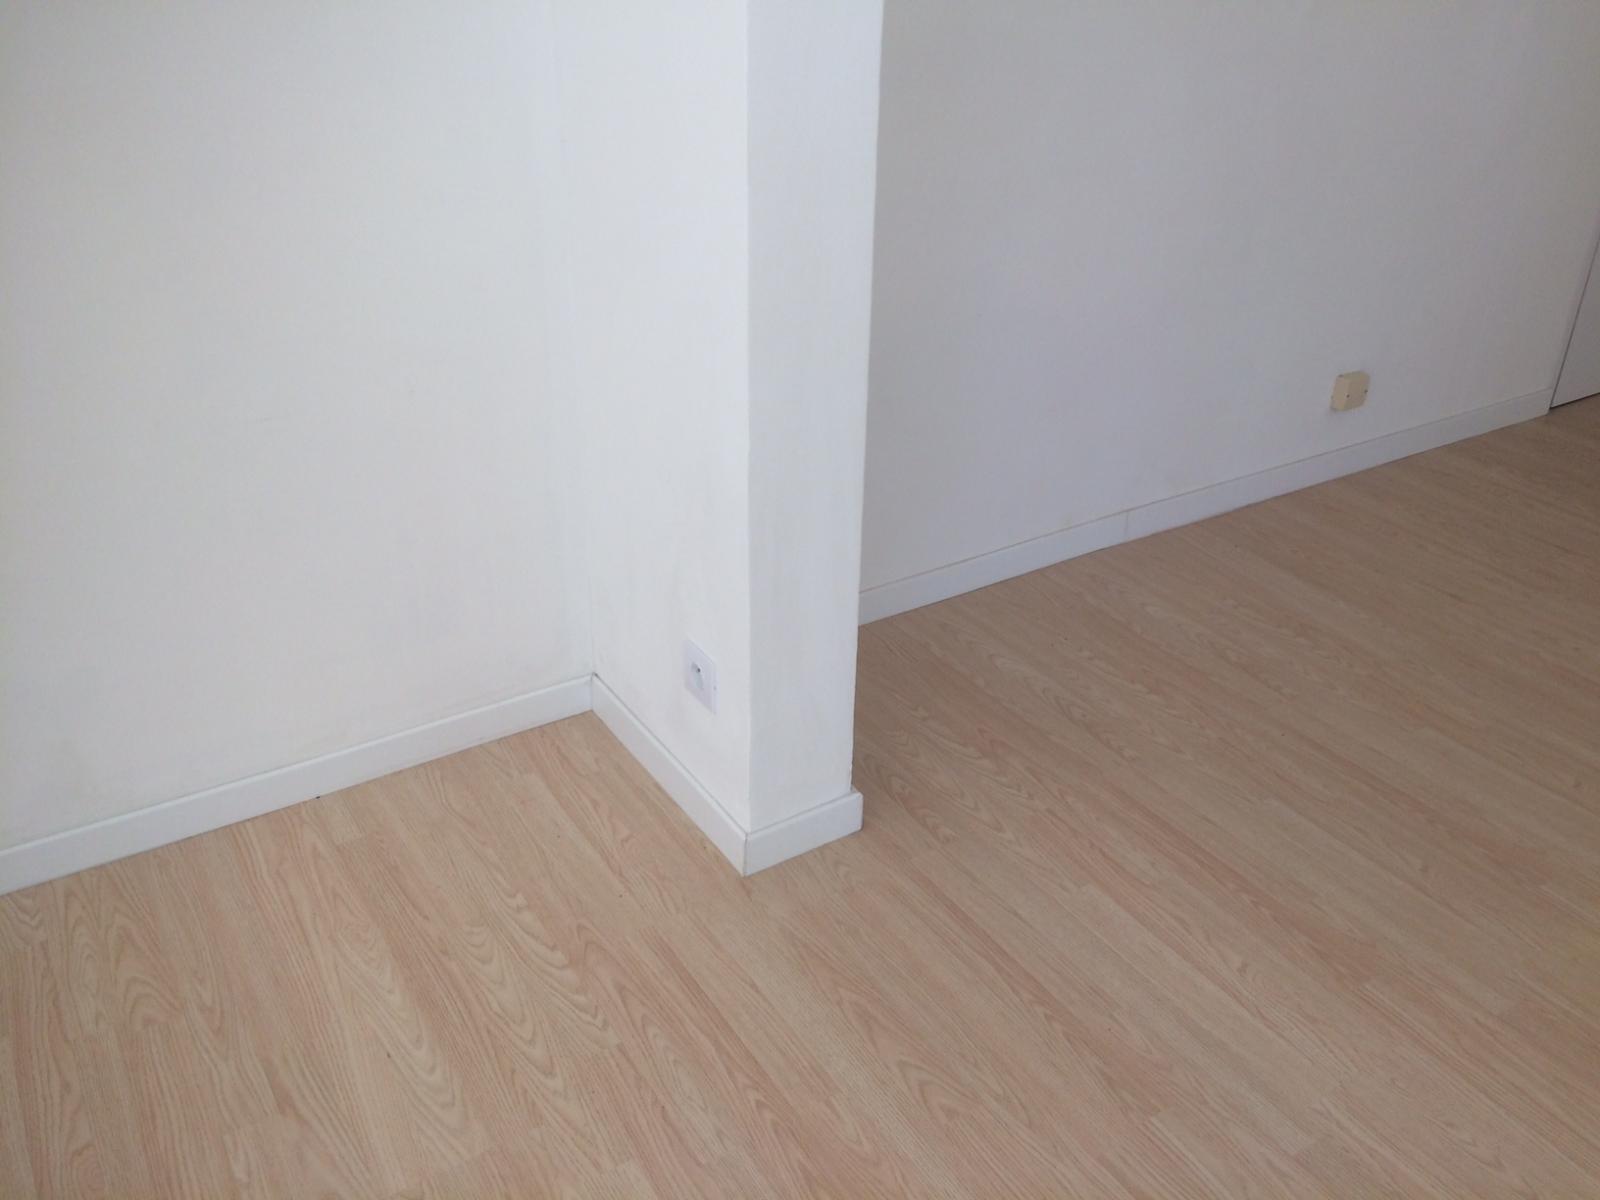 parquet stratifi haut de gamme sur parquet stratifi basique. Black Bedroom Furniture Sets. Home Design Ideas